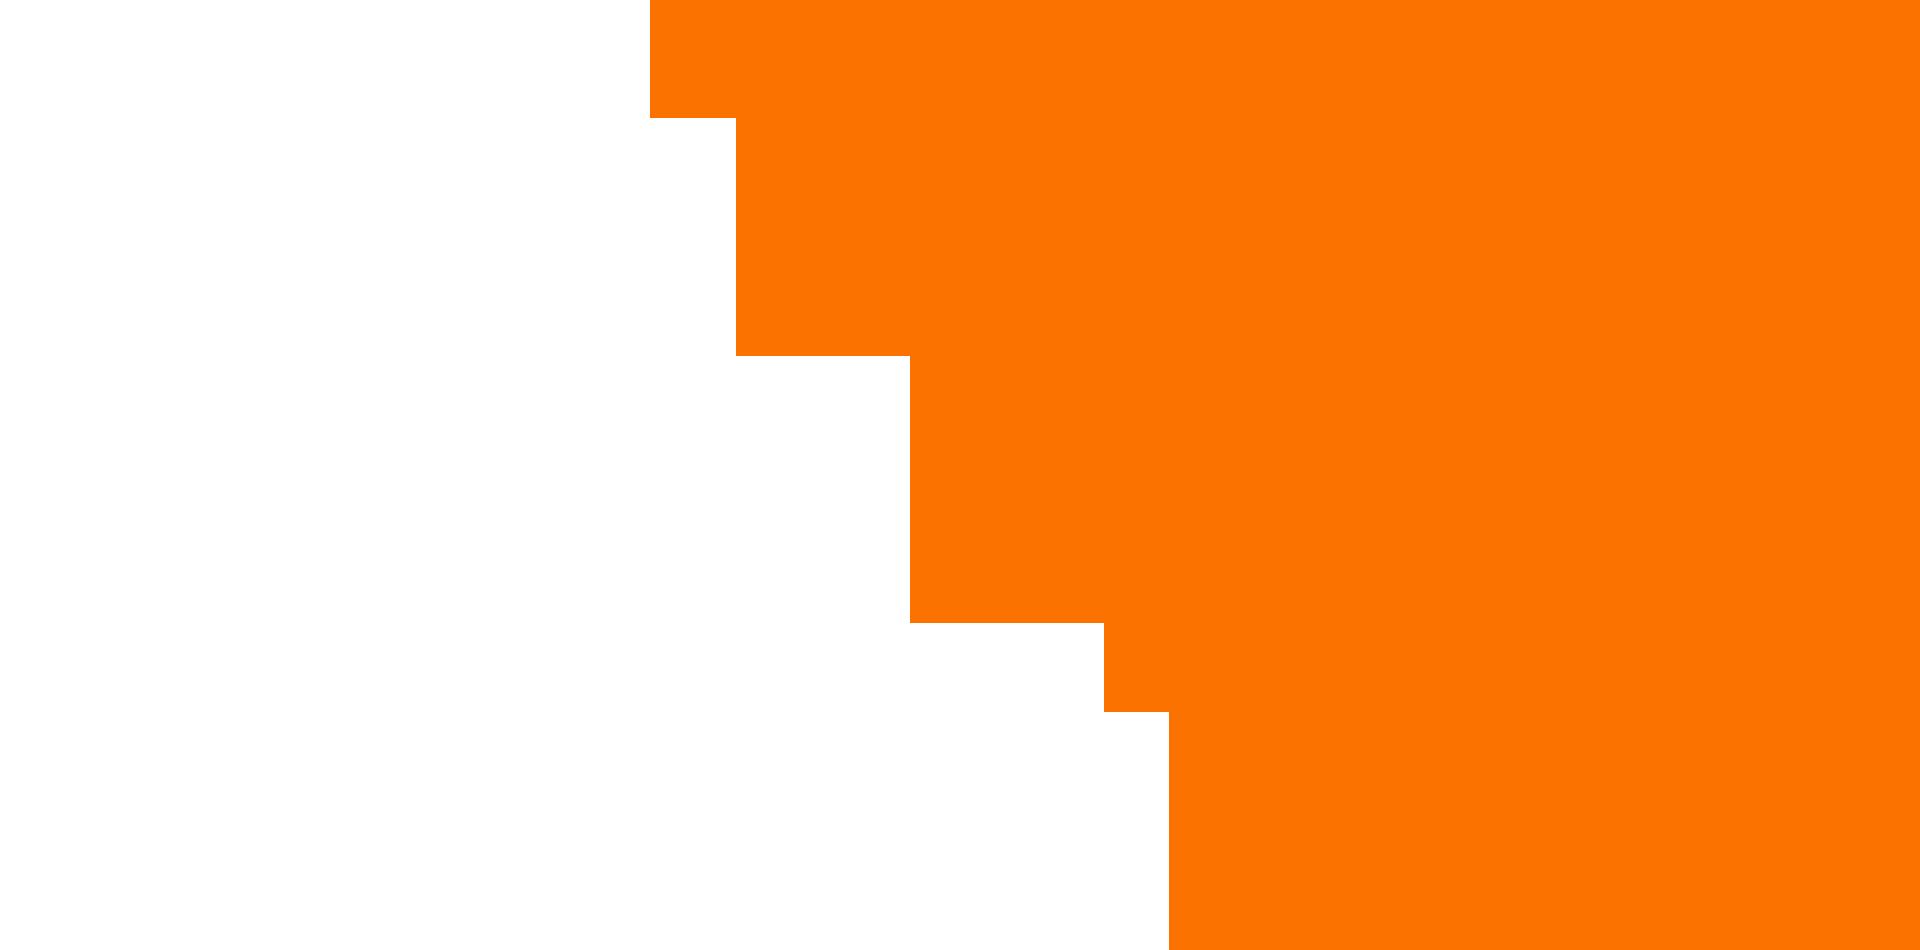 Allen-St-slider-orange-overlay